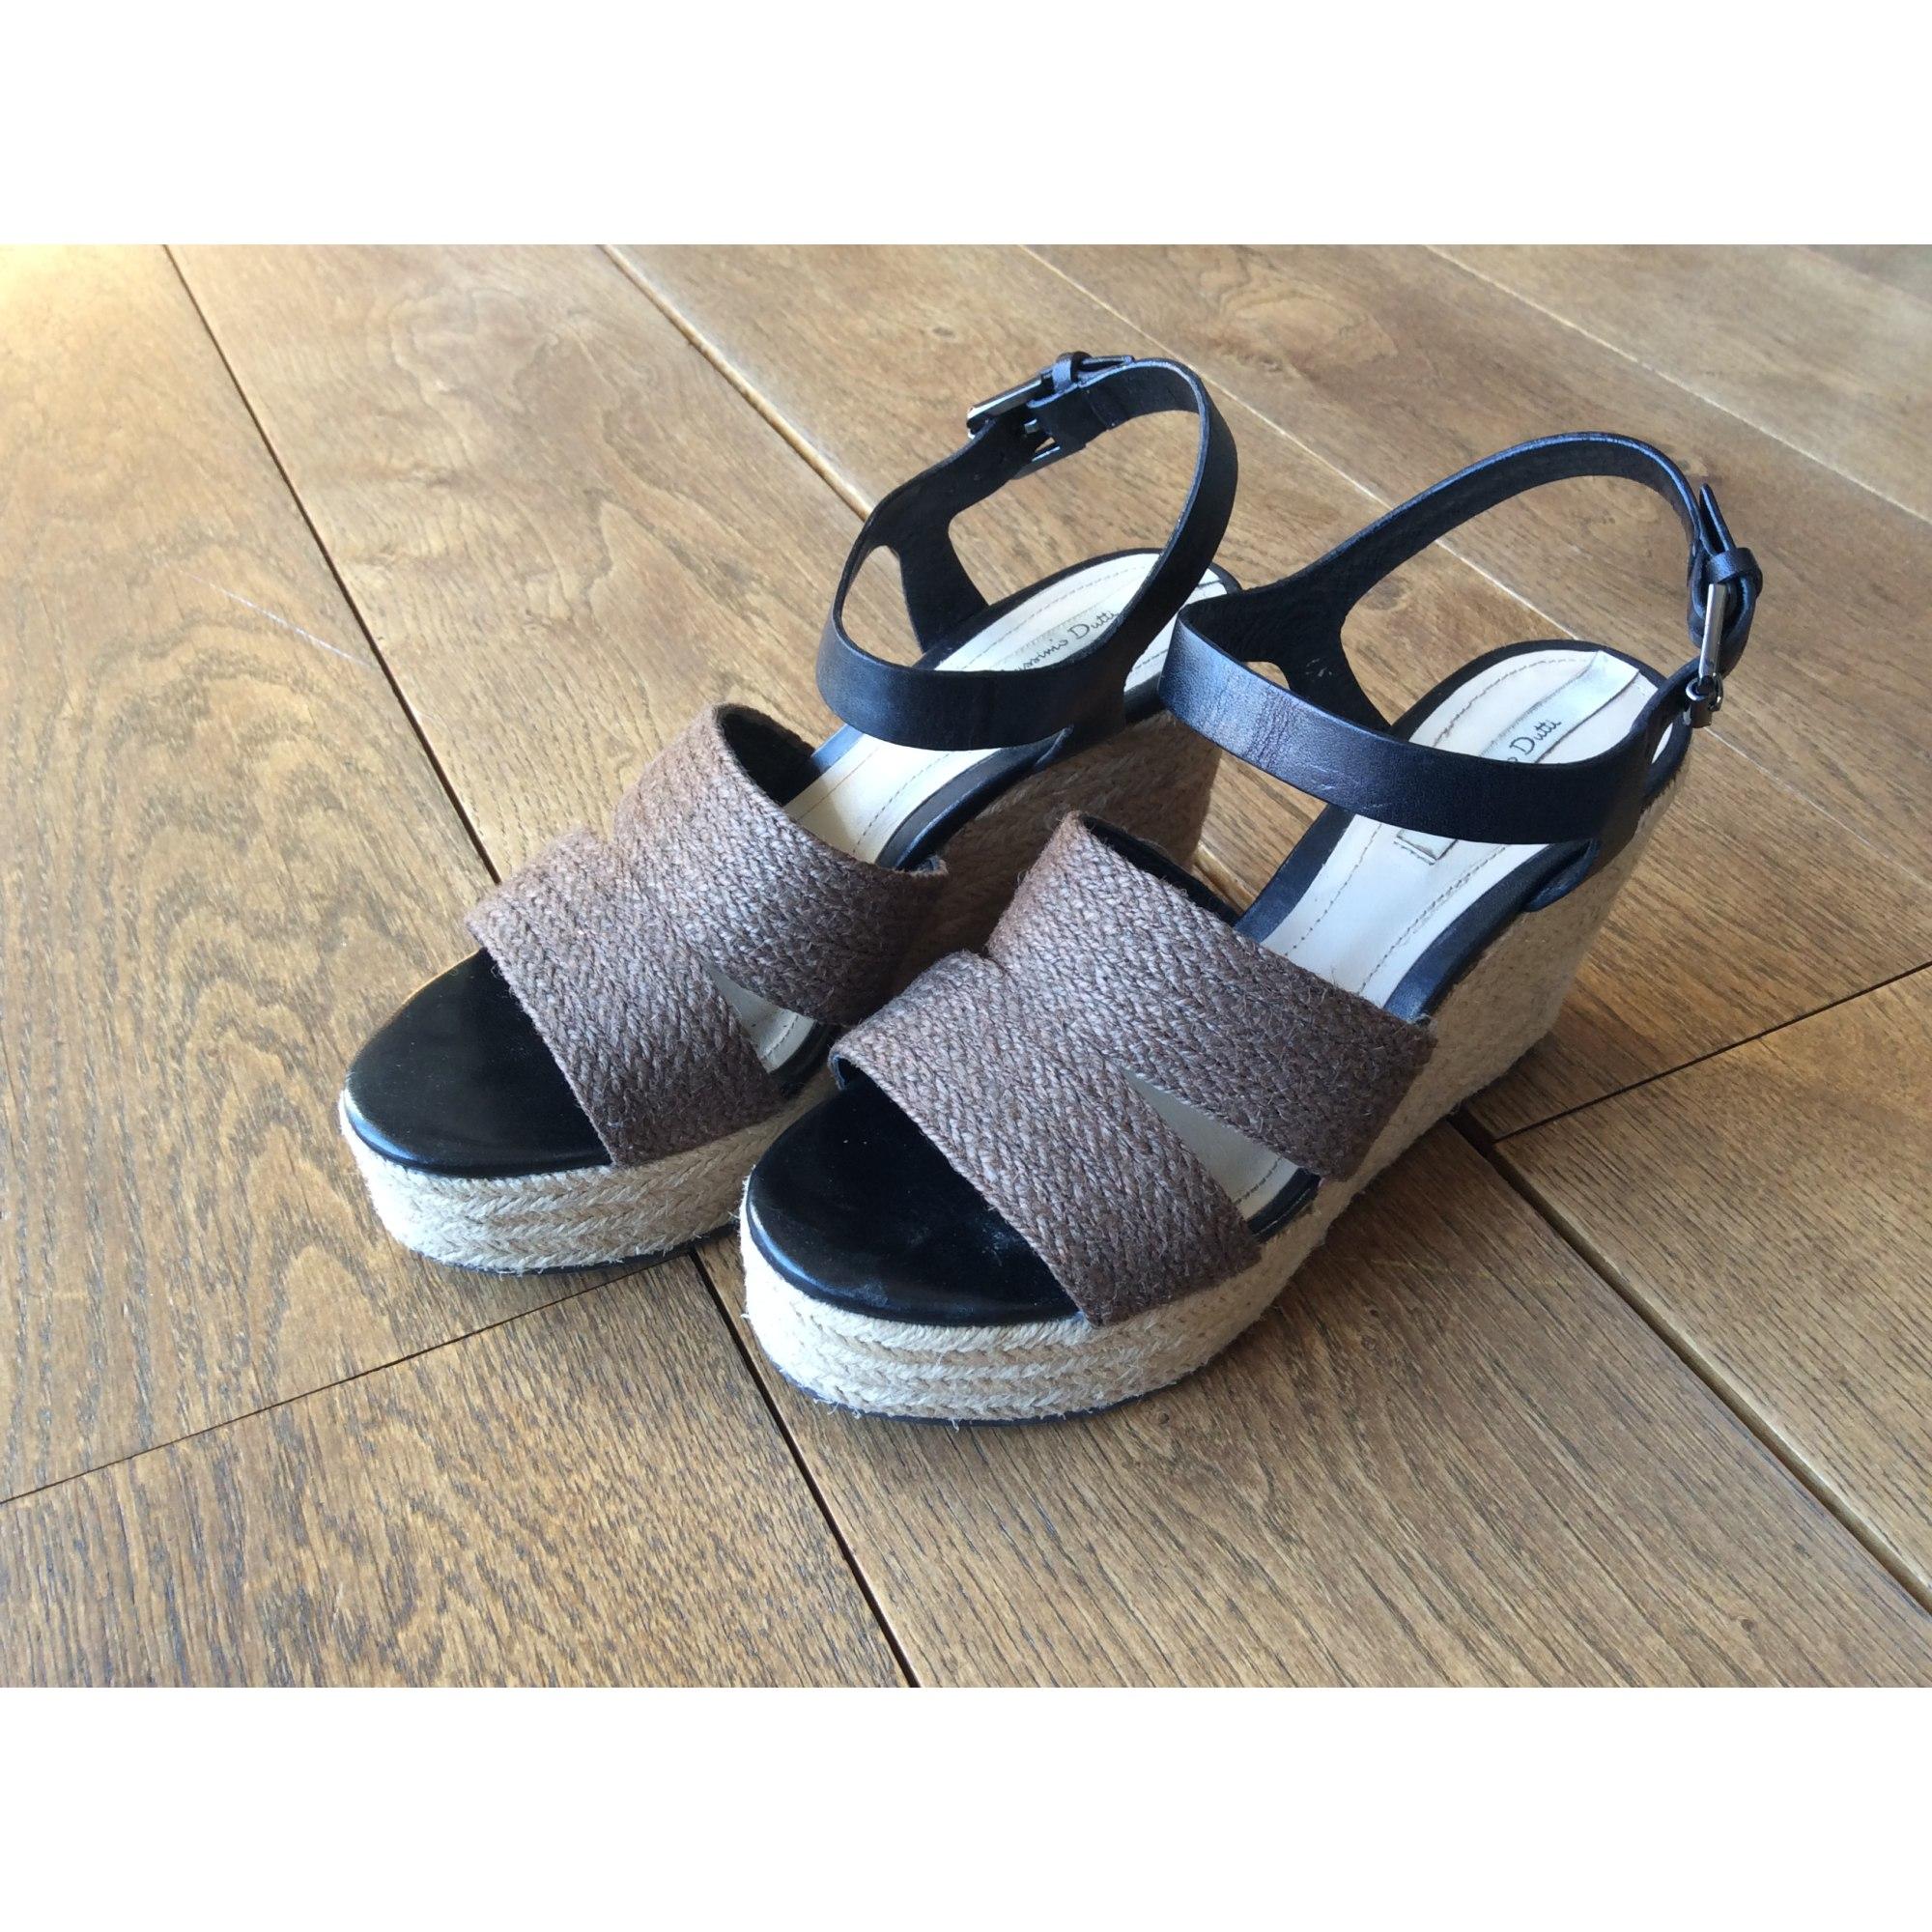 Sandales compensées MASSIMO DUTTI cuir noir 37 V5eXX9FNg